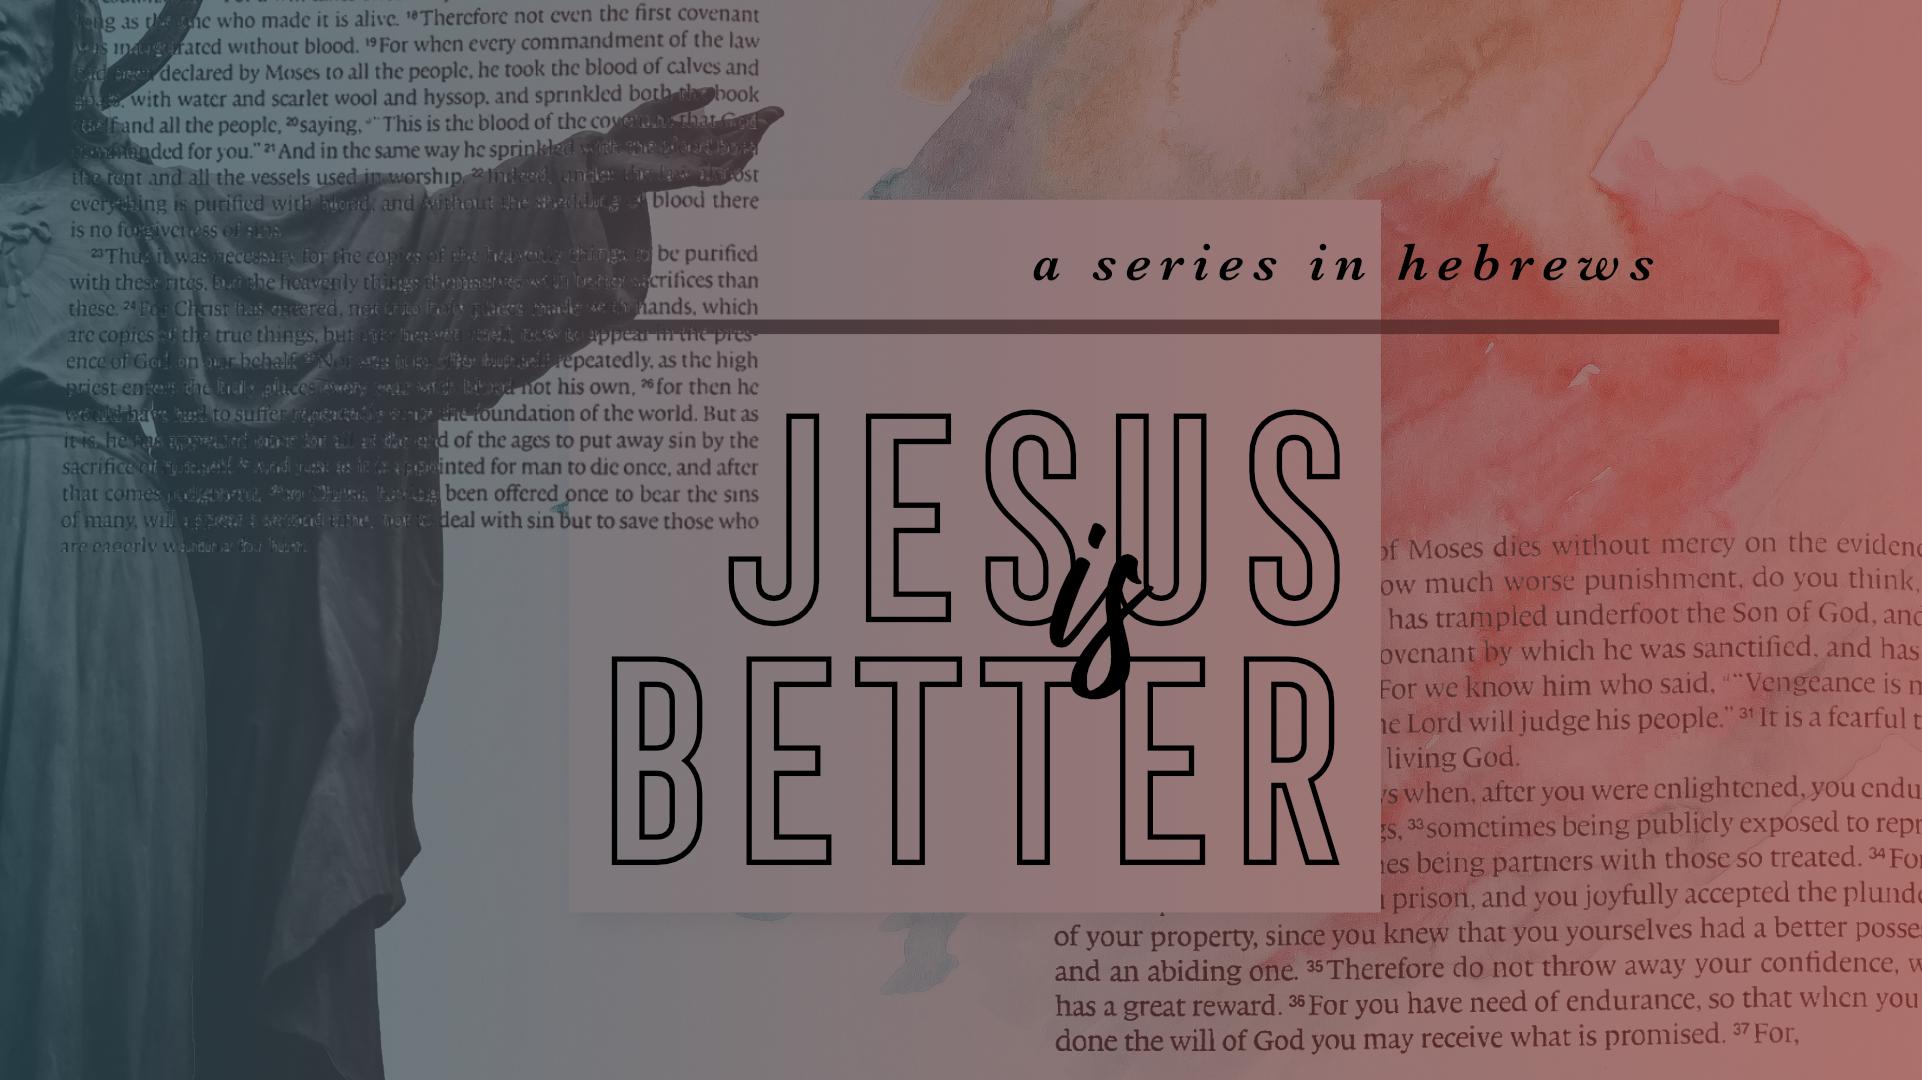 Jesus is Better: A Better Kingdom